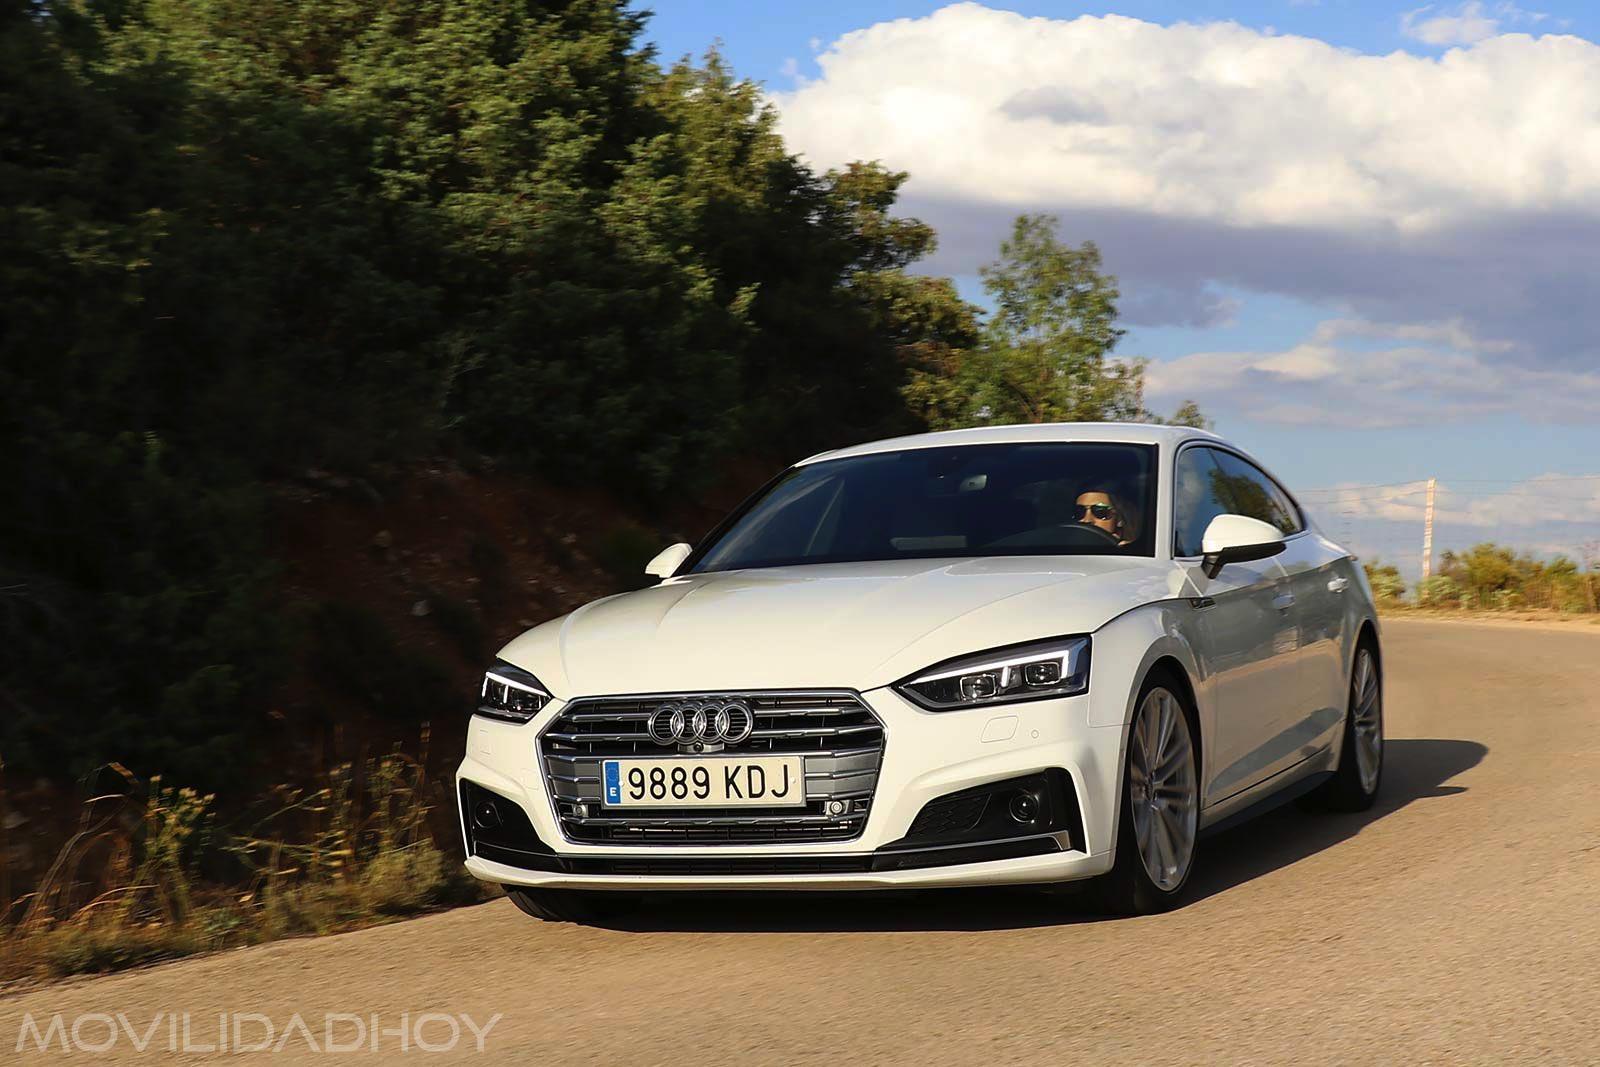 Prueba Audi A5 g-tron Sportback